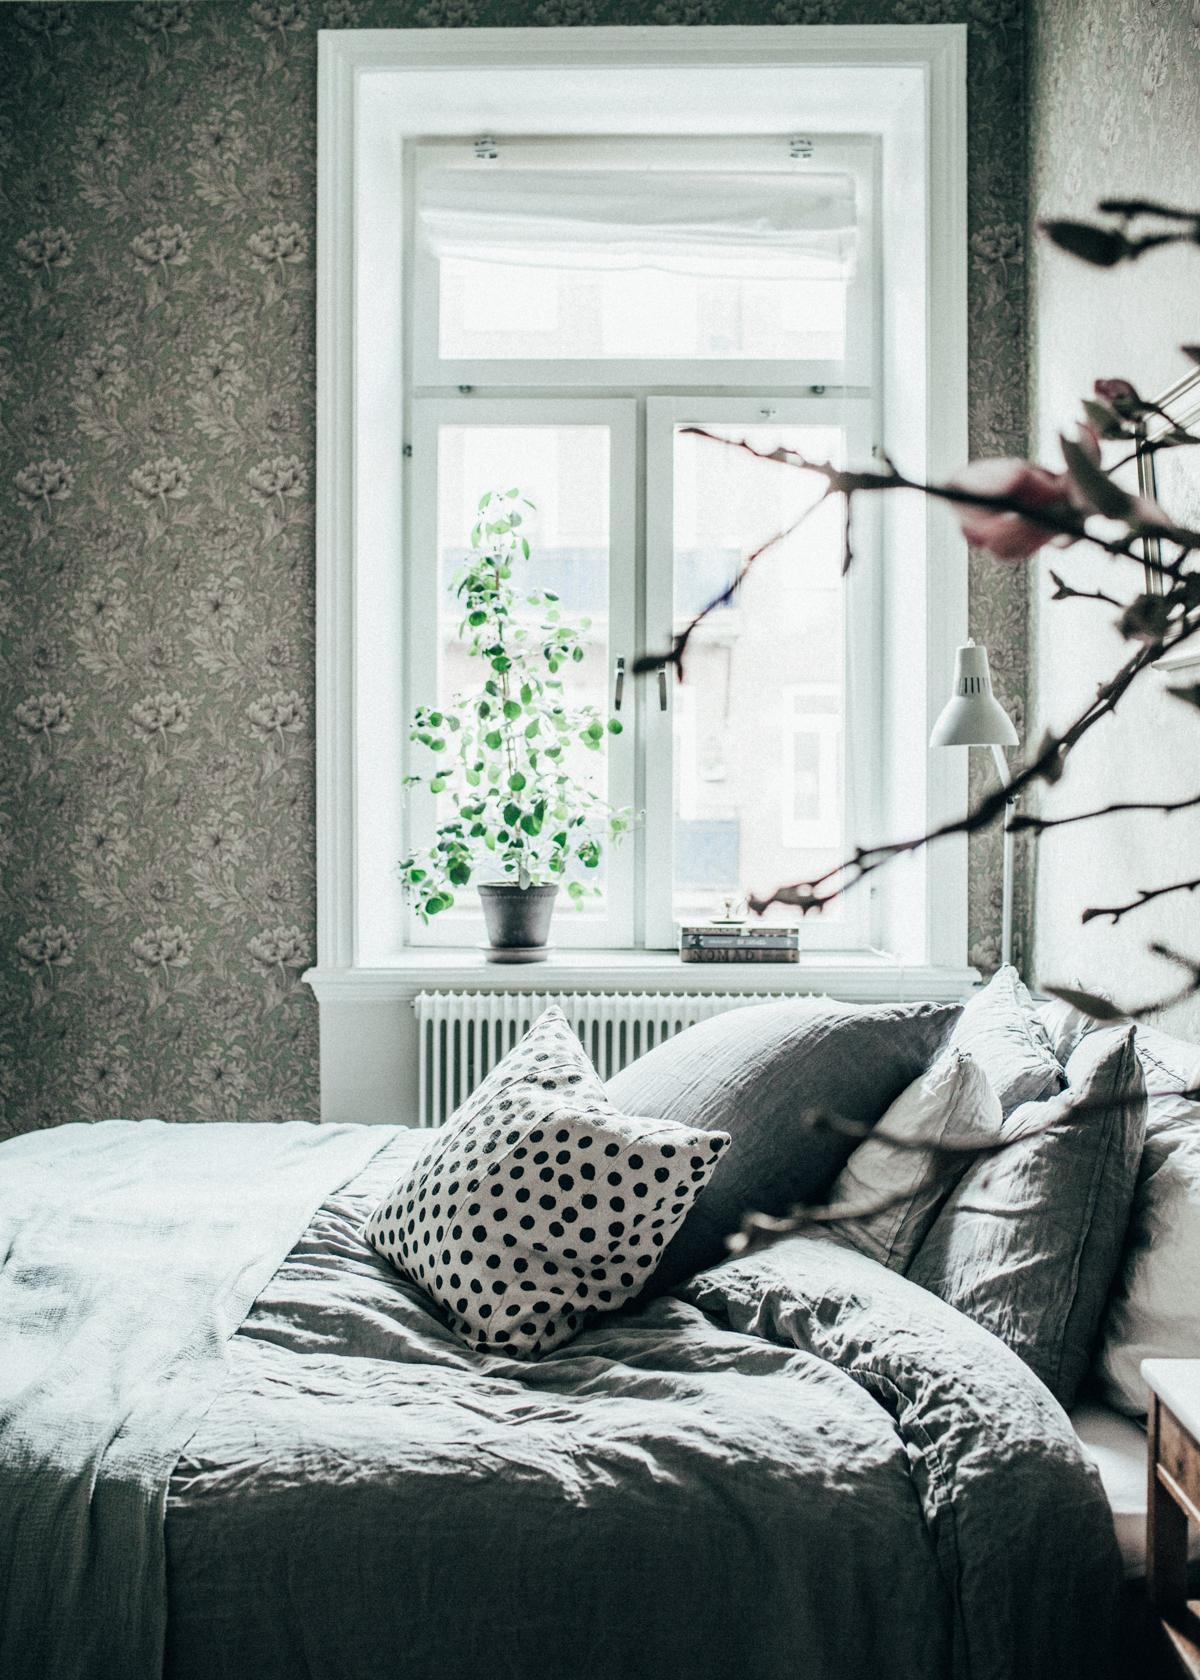 johanna-bradford_Kristin_lagerqvist-2462